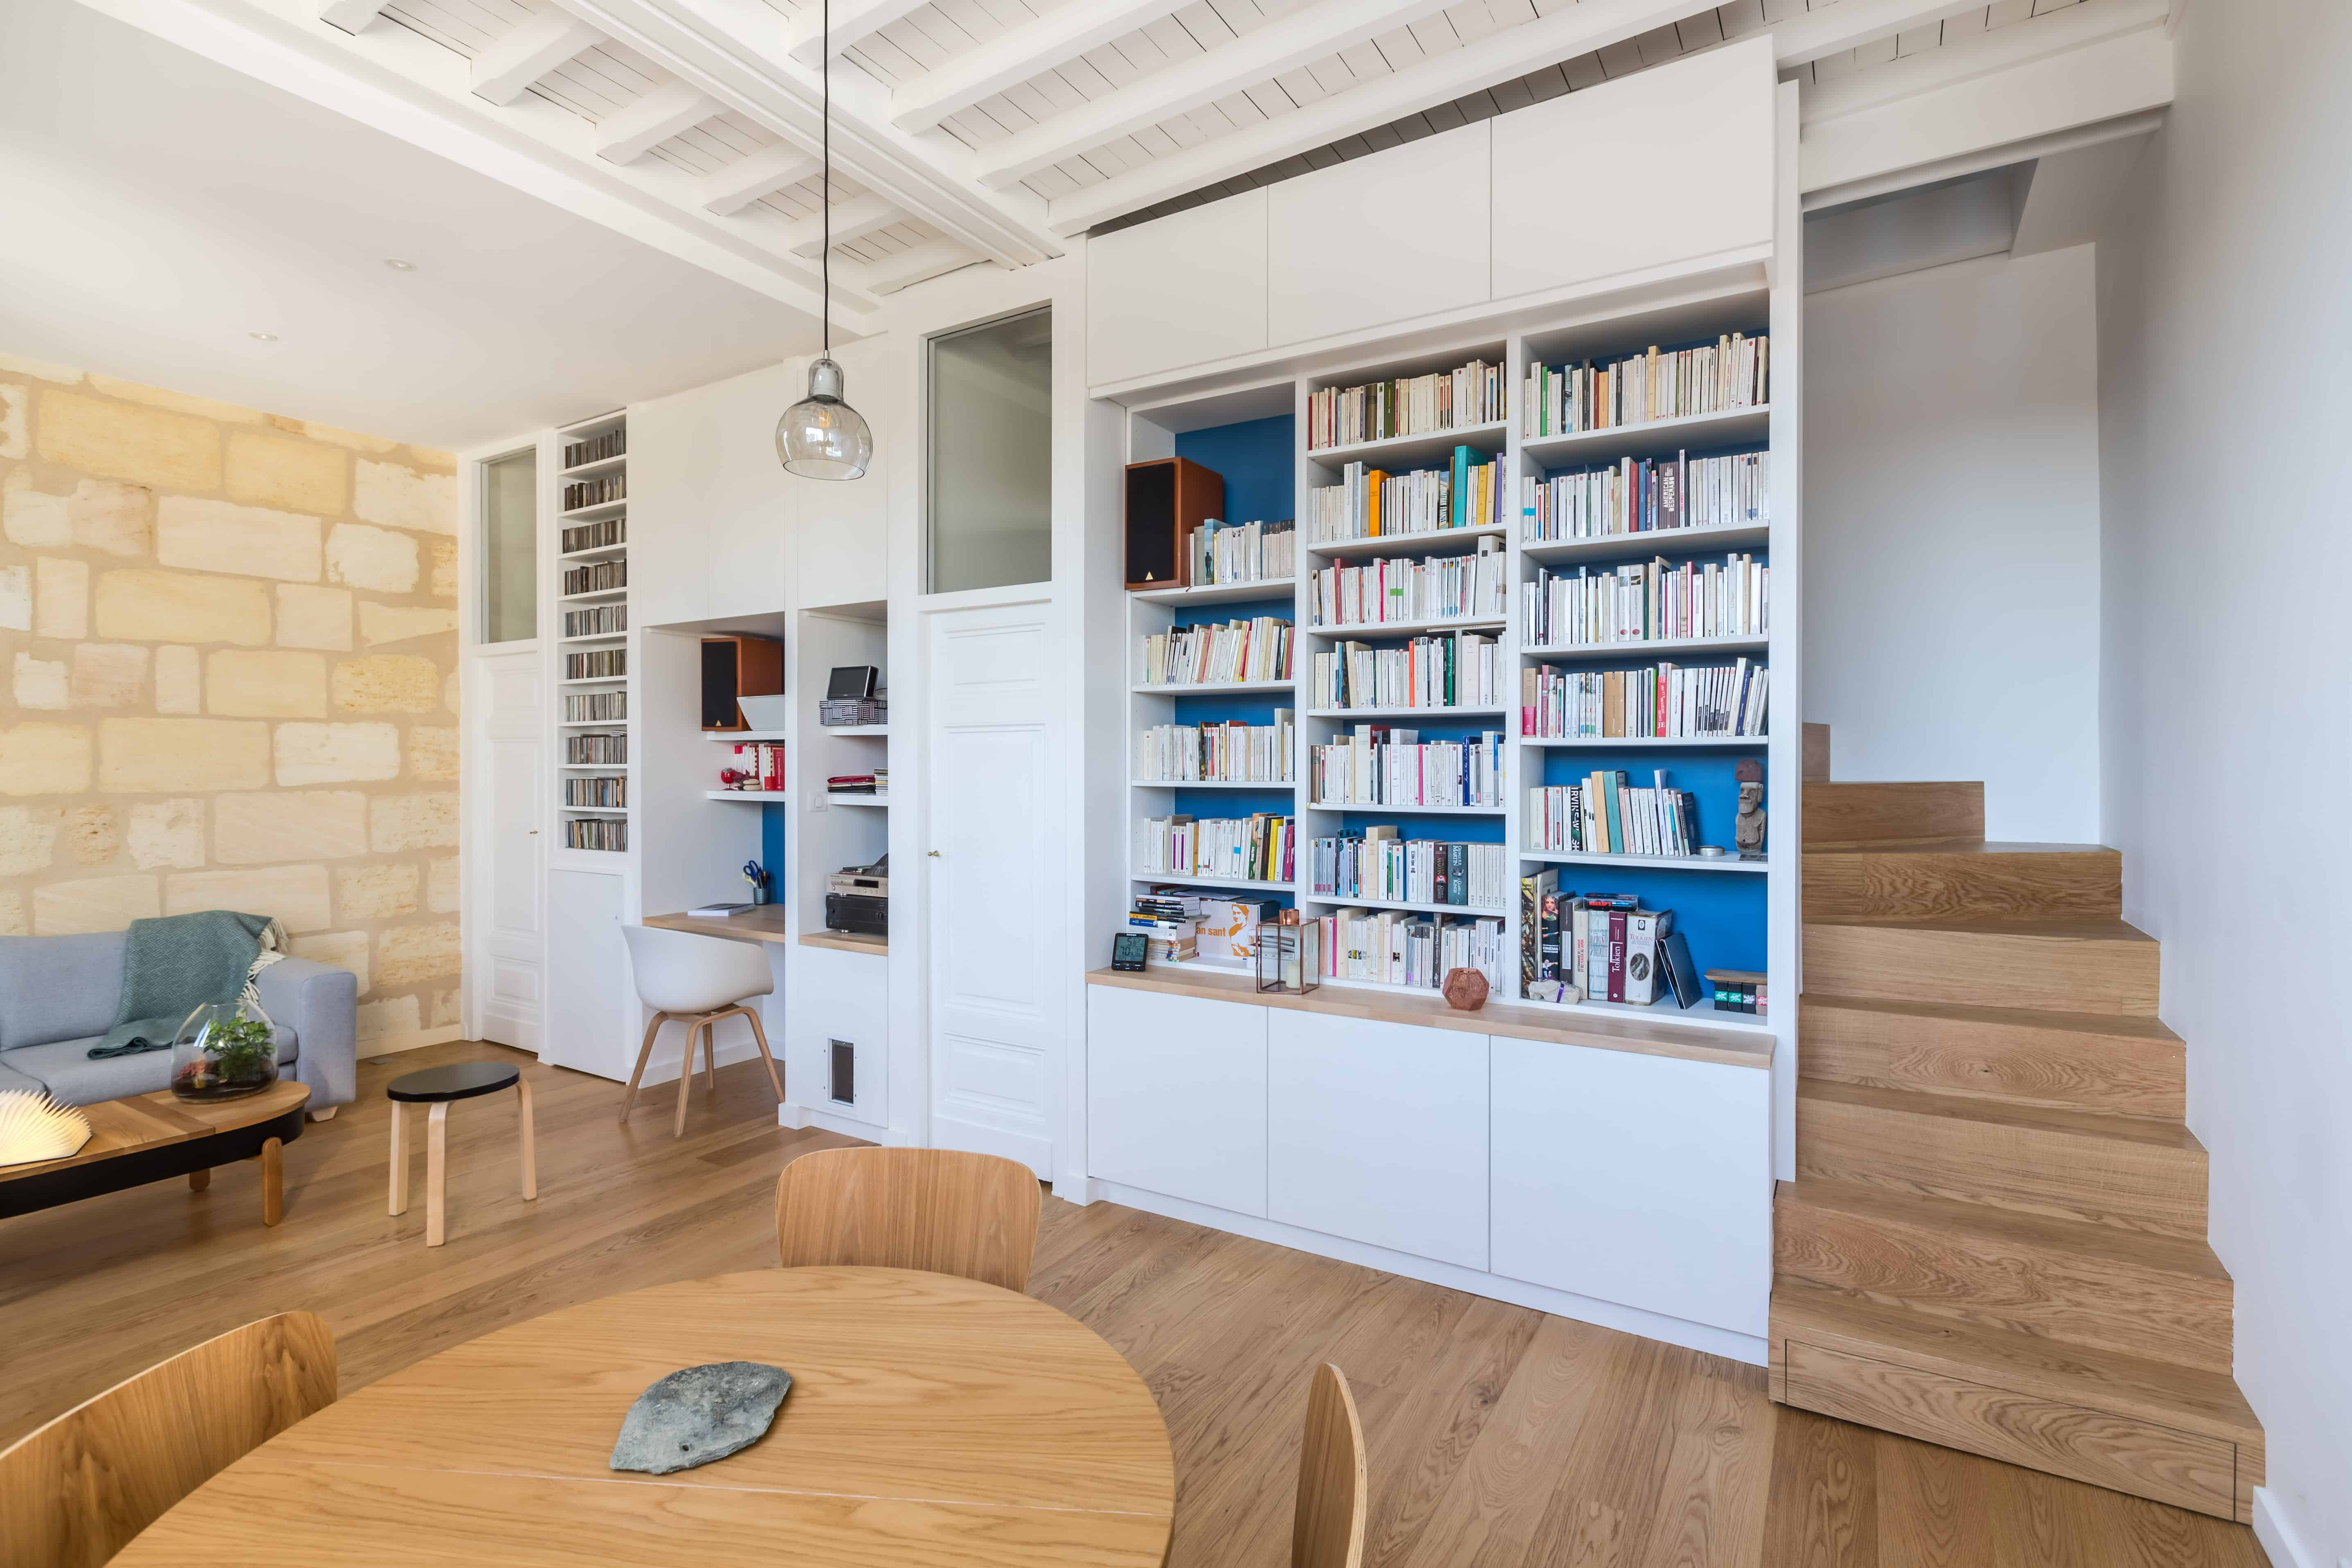 Architecte Interieur Bordeaux restructuration d'un duplex de 70m2 à bordeaux quartier